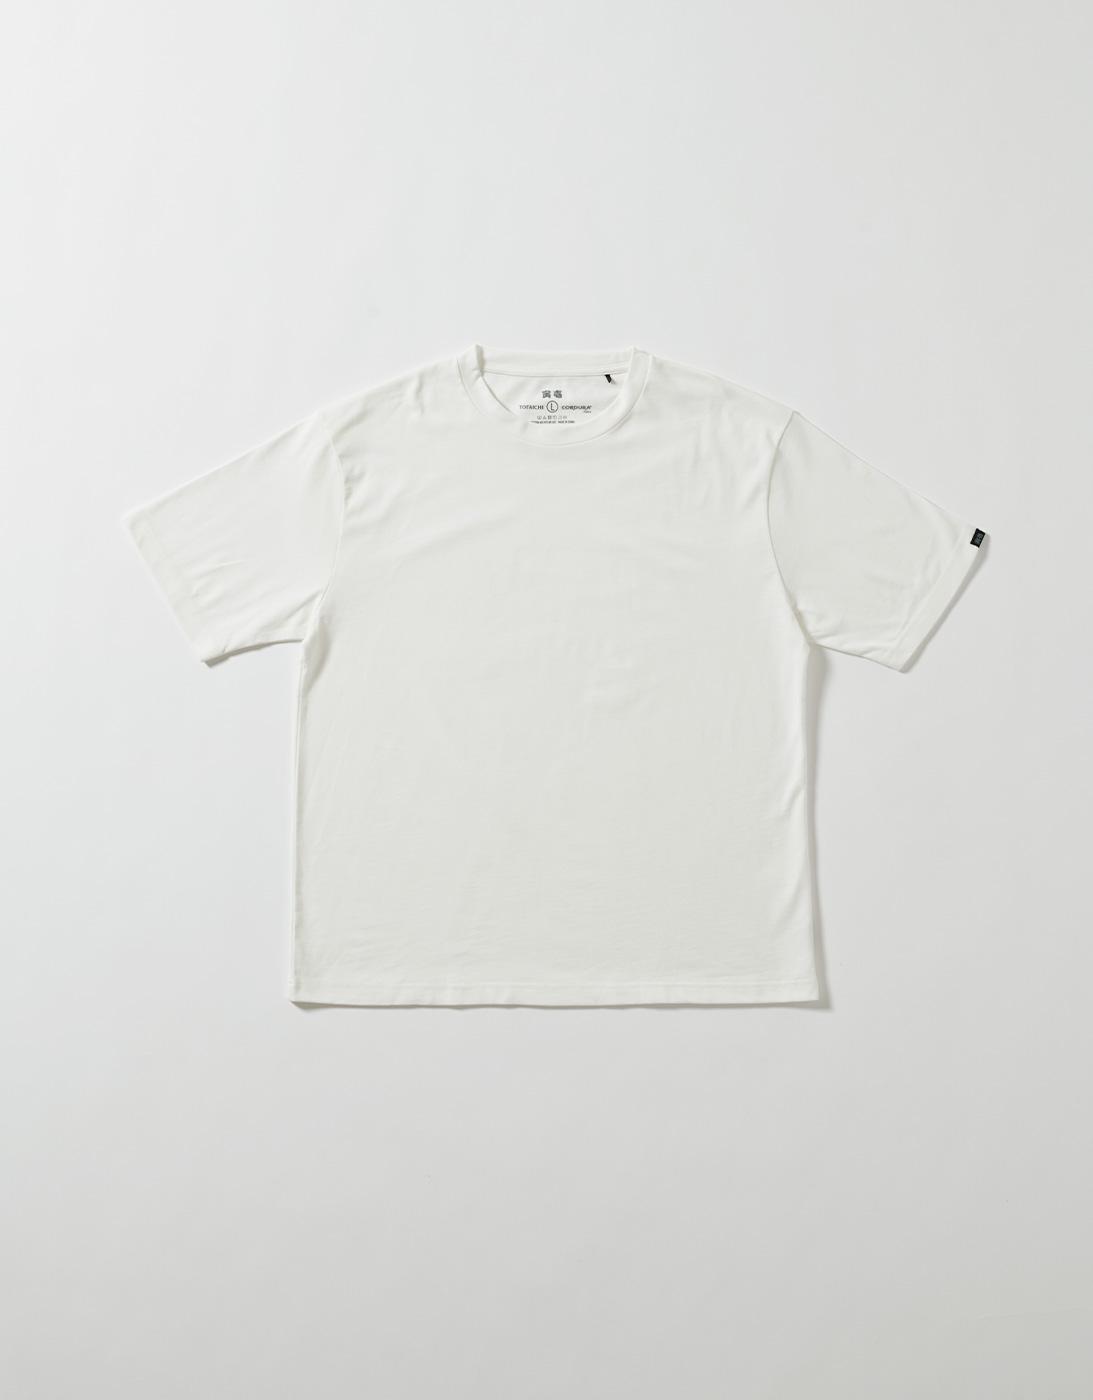 S/S WORK T-SHIRTS 9523-619 WHITE